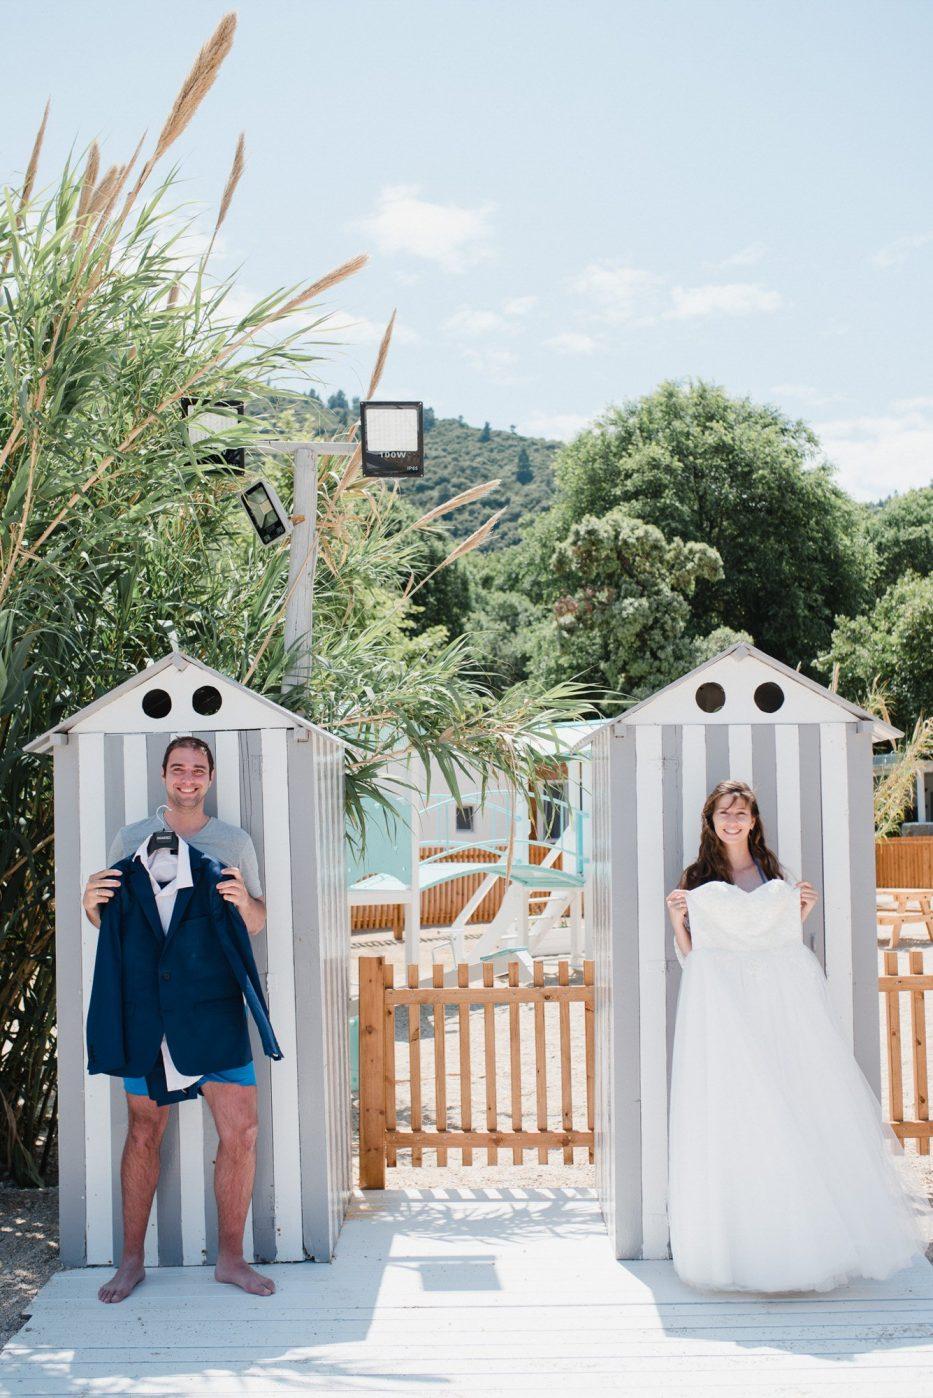 Младоженците позират със сватбения костюм и сватбената рокля